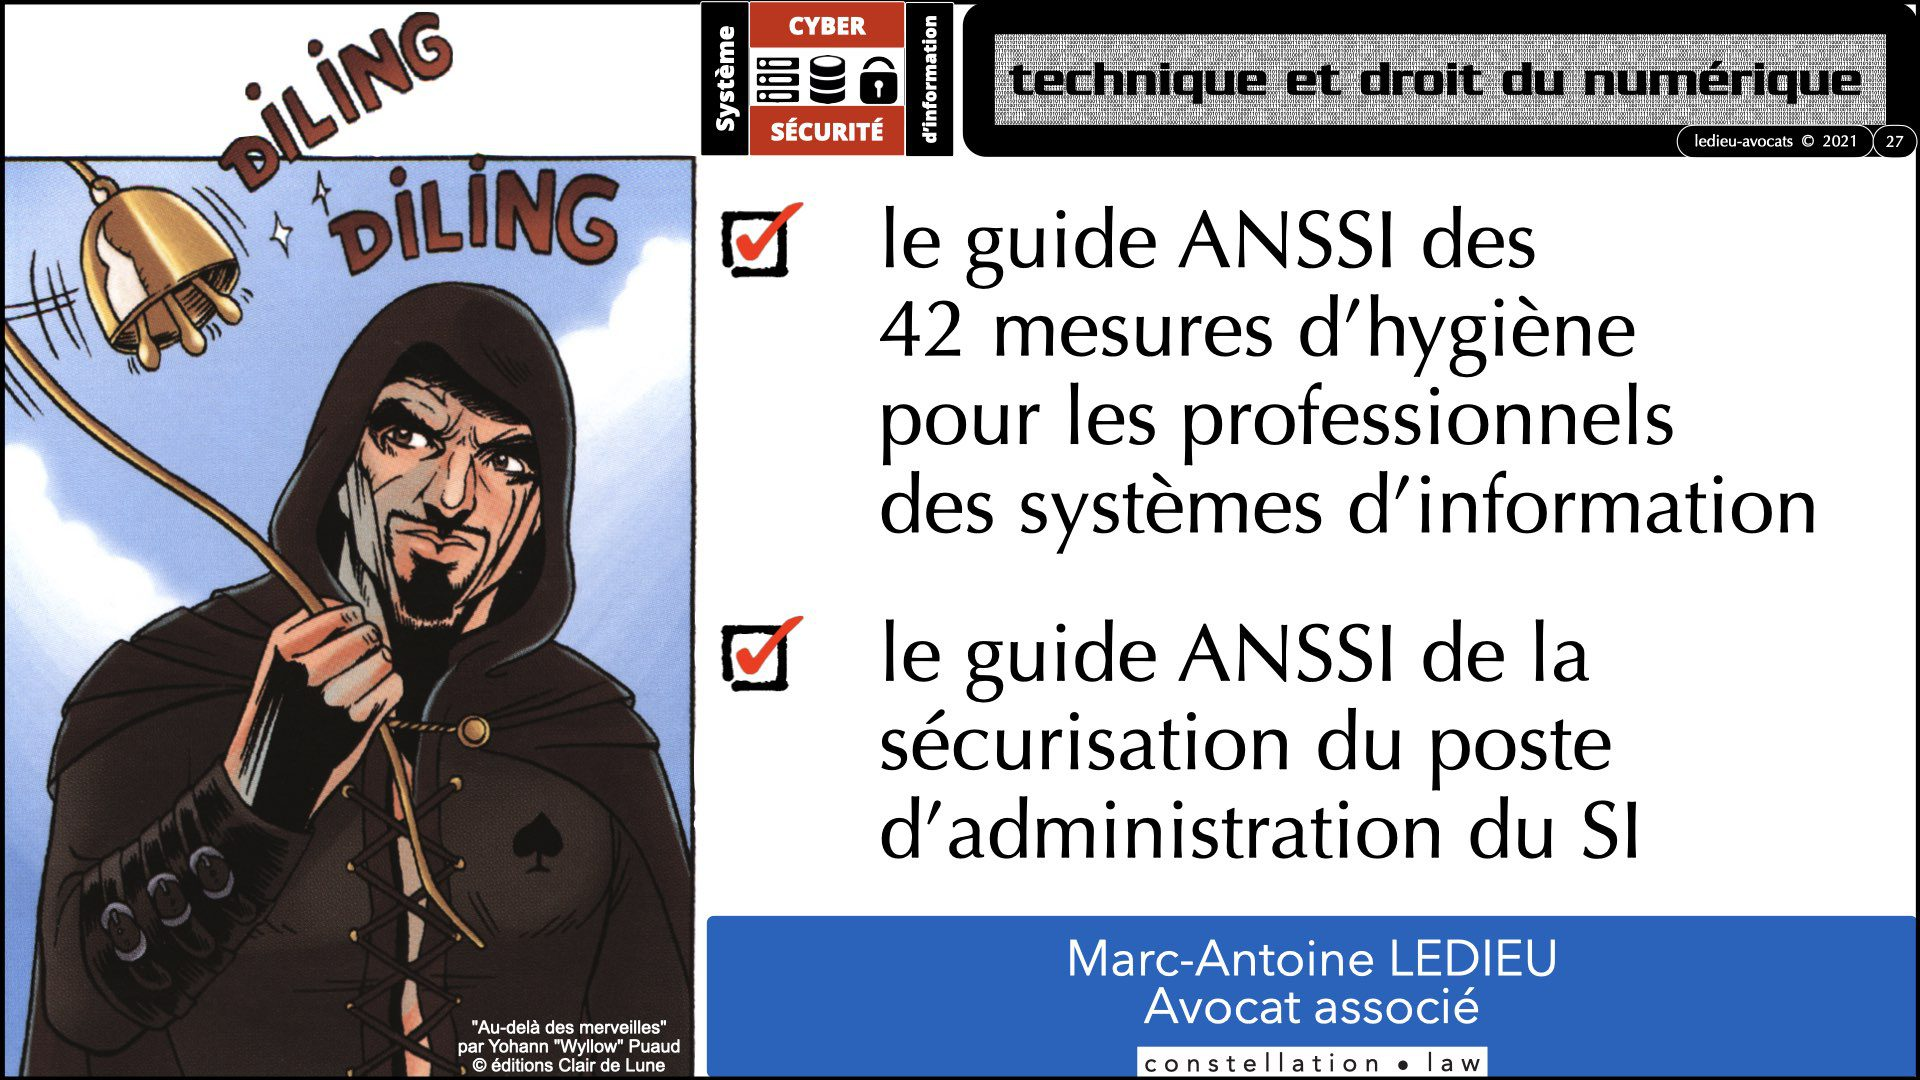 345 10 commandements hygiène numérique © Ledieu-Avocats technique droit numérique 07-09-2021.027